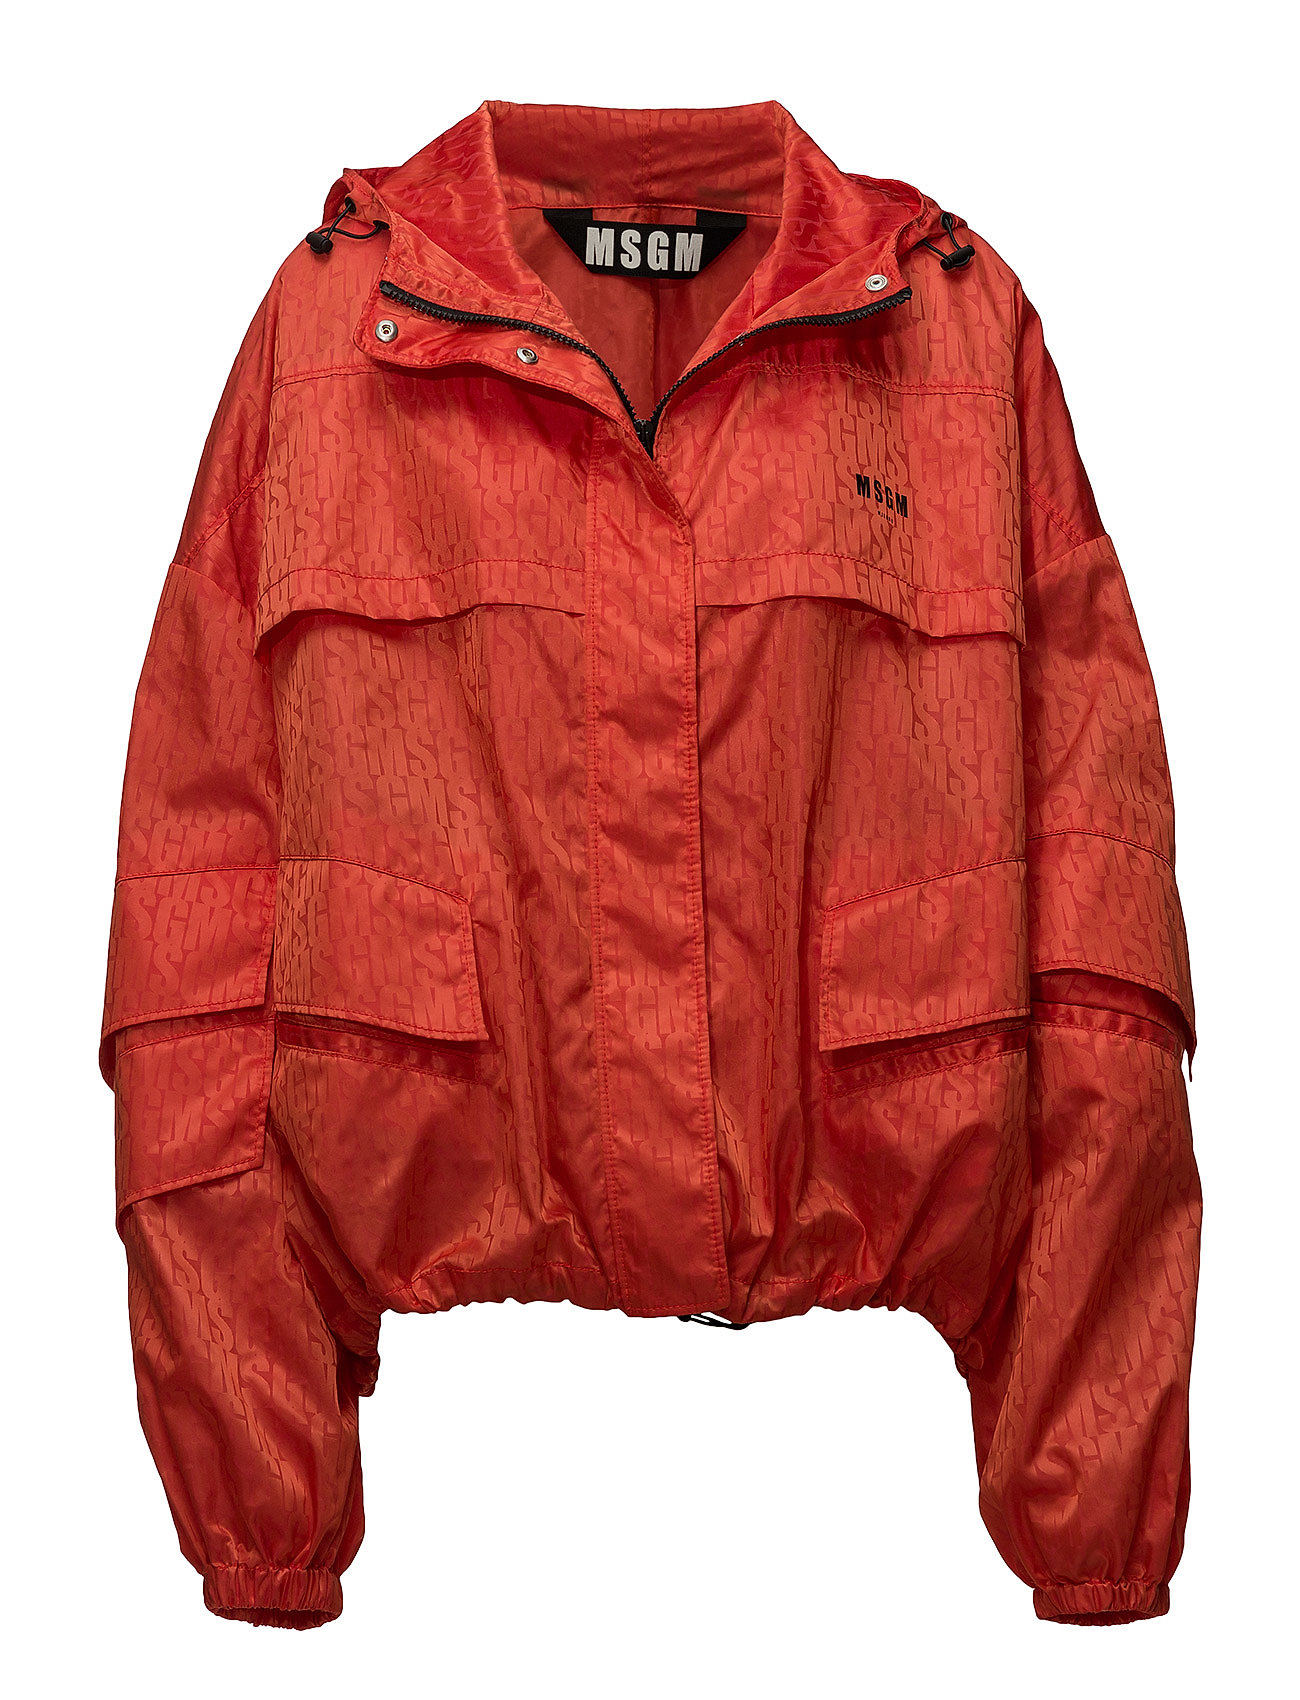 Image of Jacket (3113794105)